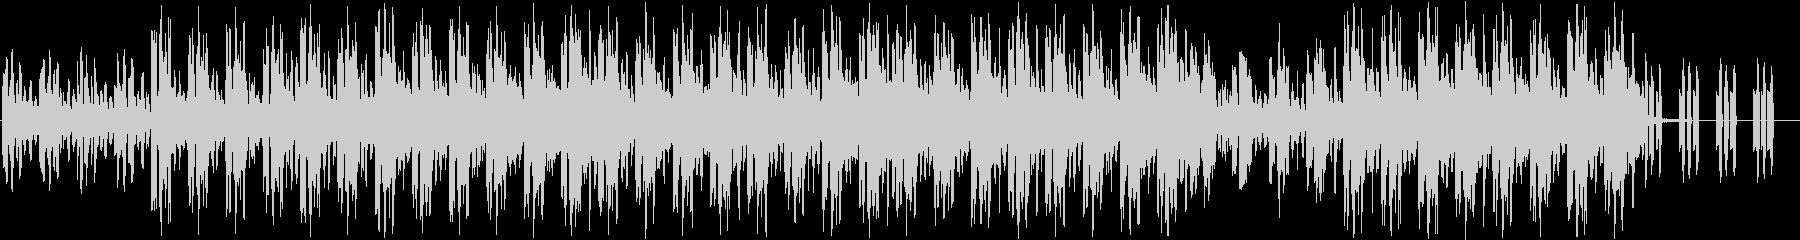 アンニュイなチルアウトの未再生の波形